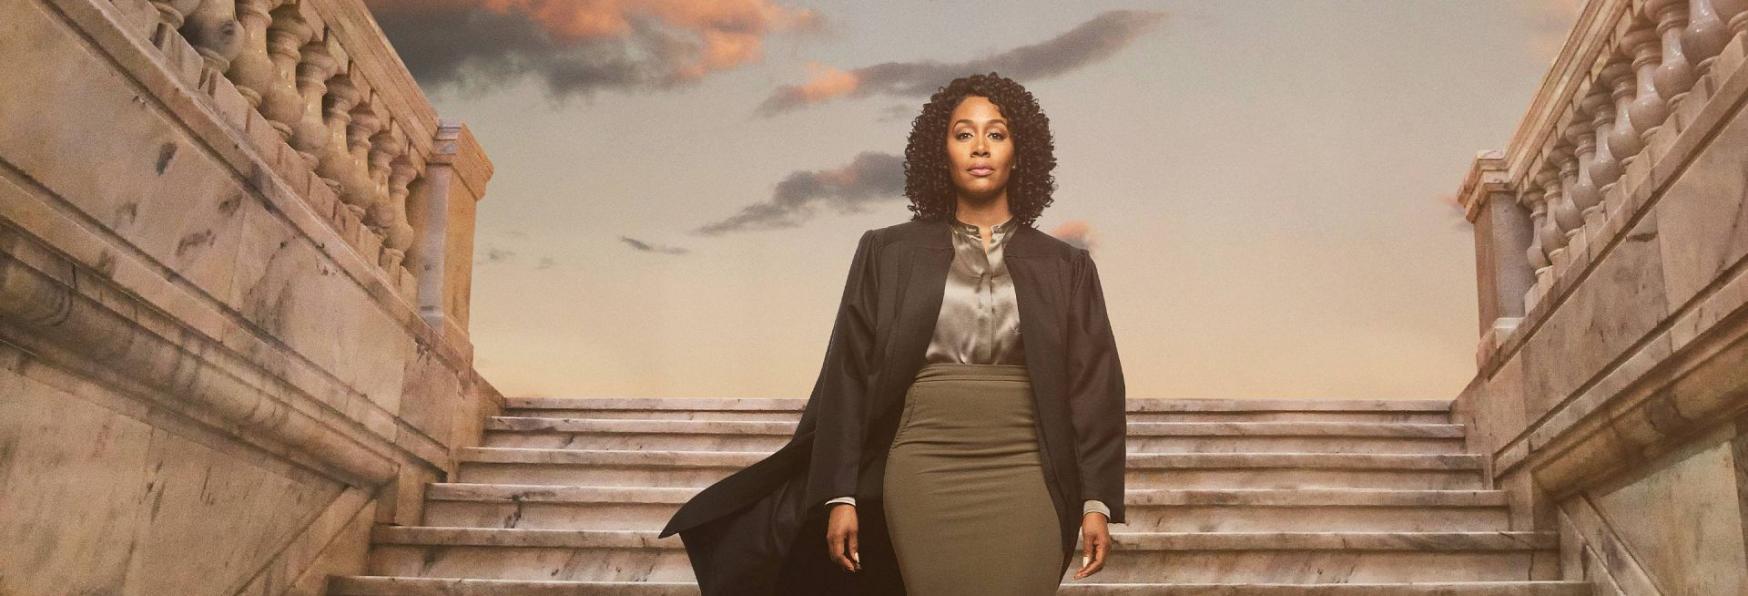 All Rise 3: la Serie TV CBS potrebbe essere Salvata da OWN